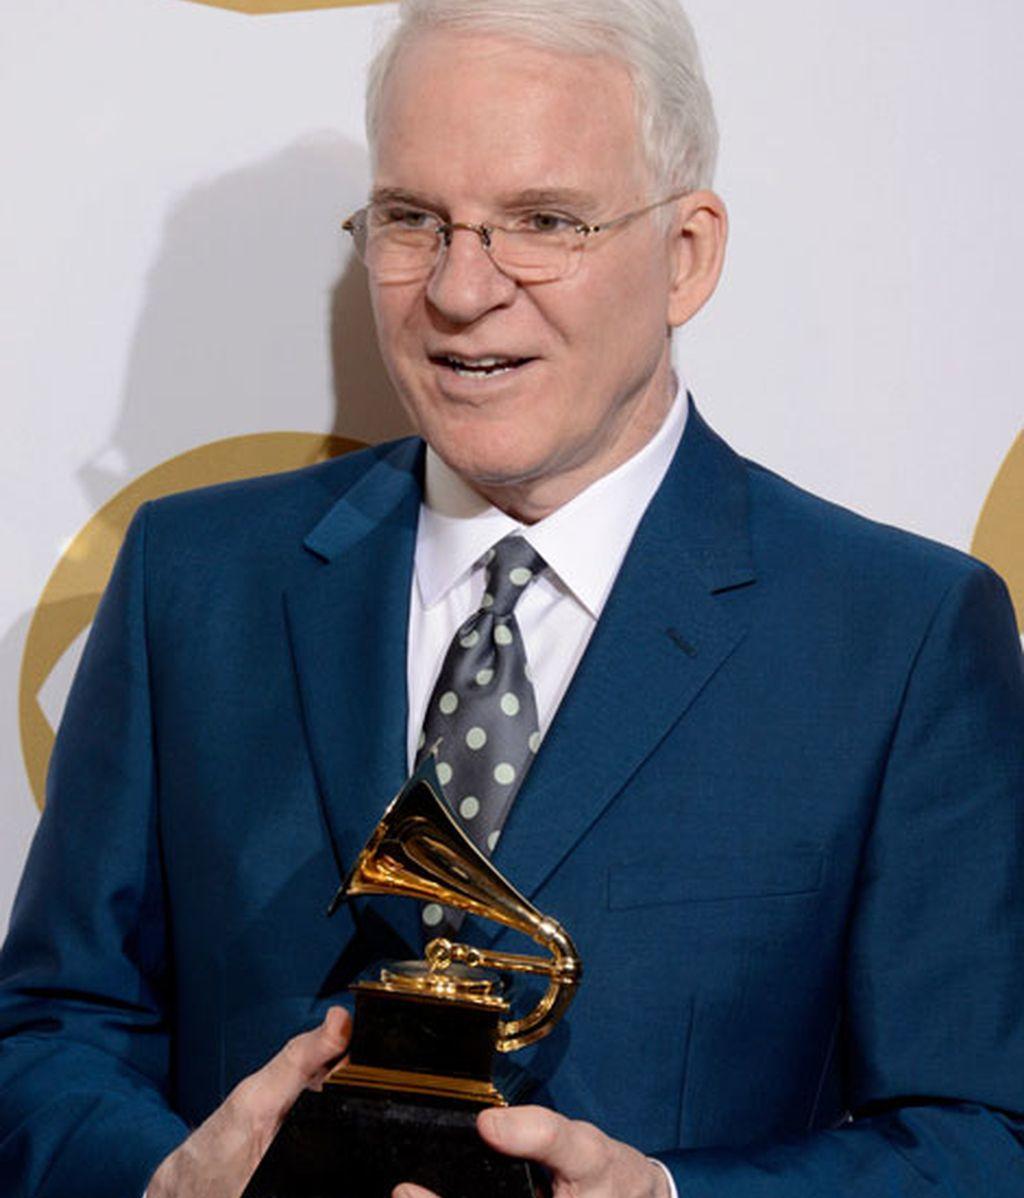 Steve Martin, Grammy a la mejor canción de raíces americanas